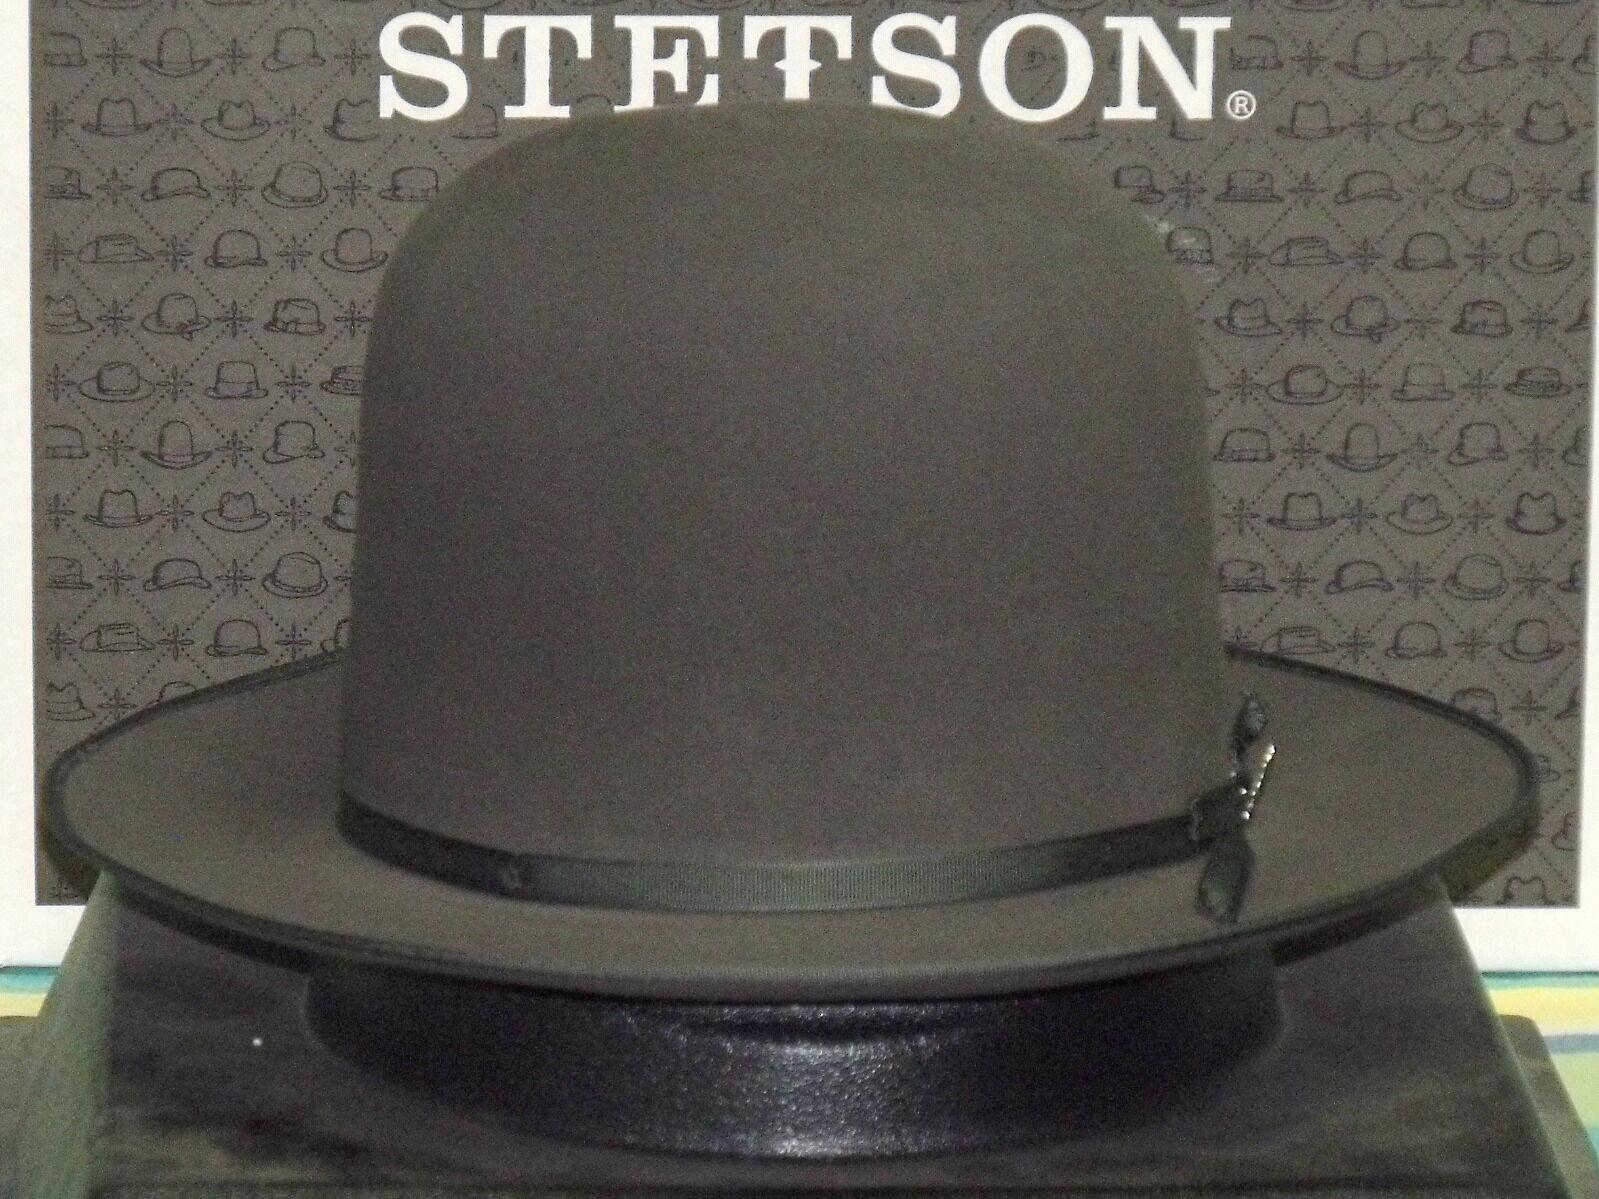 2937b83d Stetson Premier Stratoliner Open Crown Soft Fur Felt Fedora Hat Sage 7 5/8  for sale online | eBay